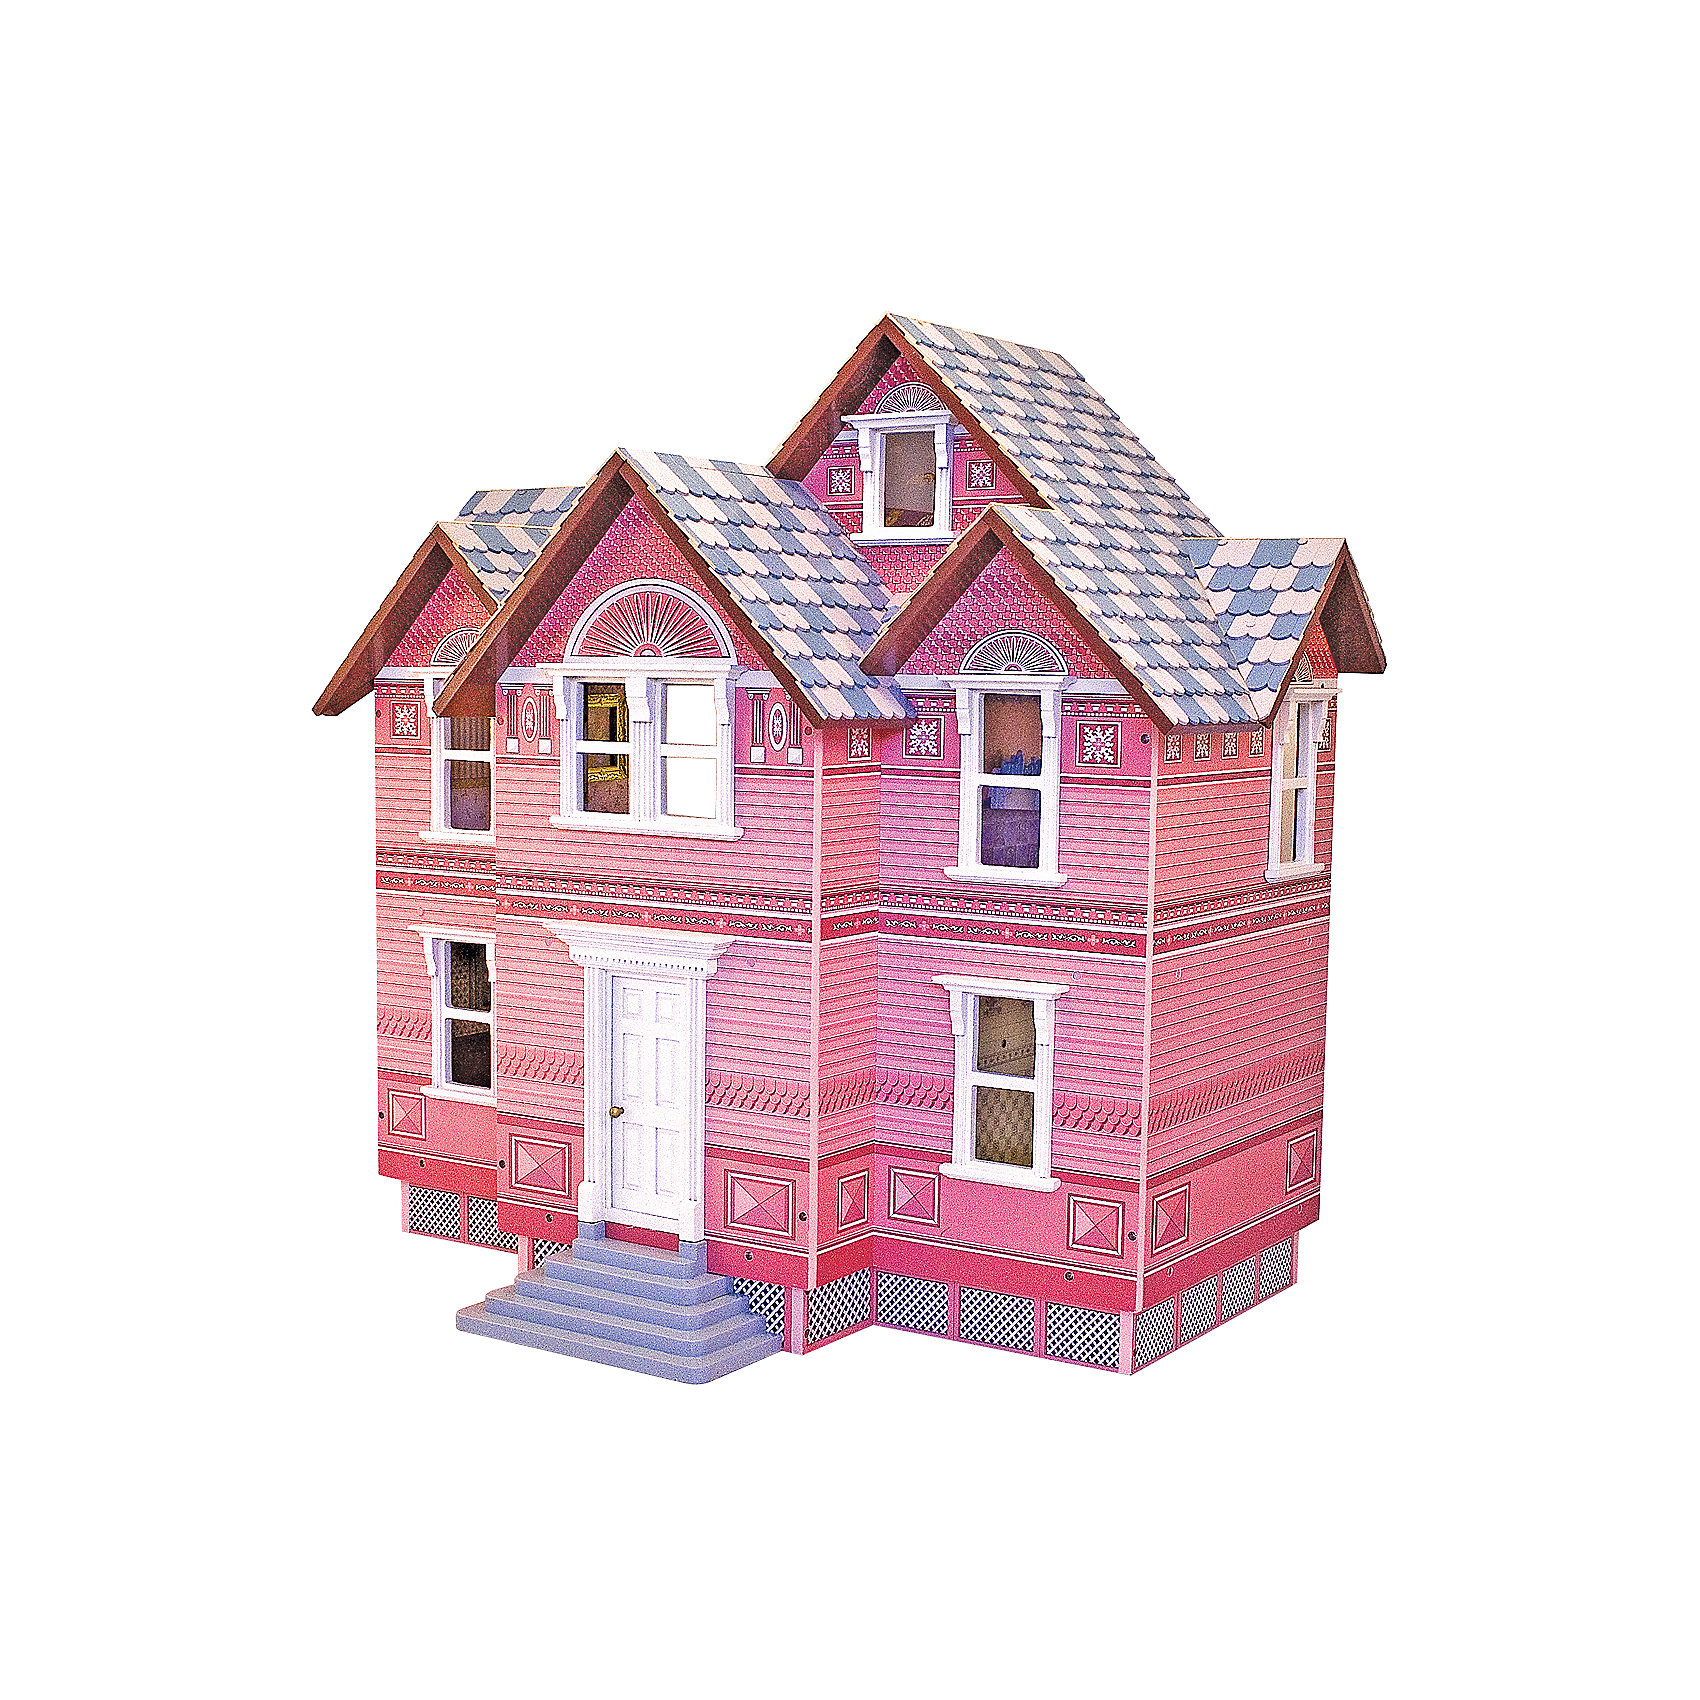 Викторианский дом для кукол, Melissa&amp;DougДомики и мебель<br>Великолепный Кукольный домик выполнен в Викторианском стиле, что позволит перенестись в сказочный мир принцесс того времени. В деревянном домике есть целых 5 комнат, и три этажа. Каждая комната оформлена в своем стиле. Домик сделан из натурального дерева покрыт нетоксичной и безопасной краской. Кукольный домик станет прекрасной игрушкой для девочки.<br><br>Ширина мм: 460<br>Глубина мм: 300<br>Высота мм: 710<br>Вес г: 19505<br>Возраст от месяцев: 60<br>Возраст до месяцев: 192<br>Пол: Женский<br>Возраст: Детский<br>SKU: 4807389